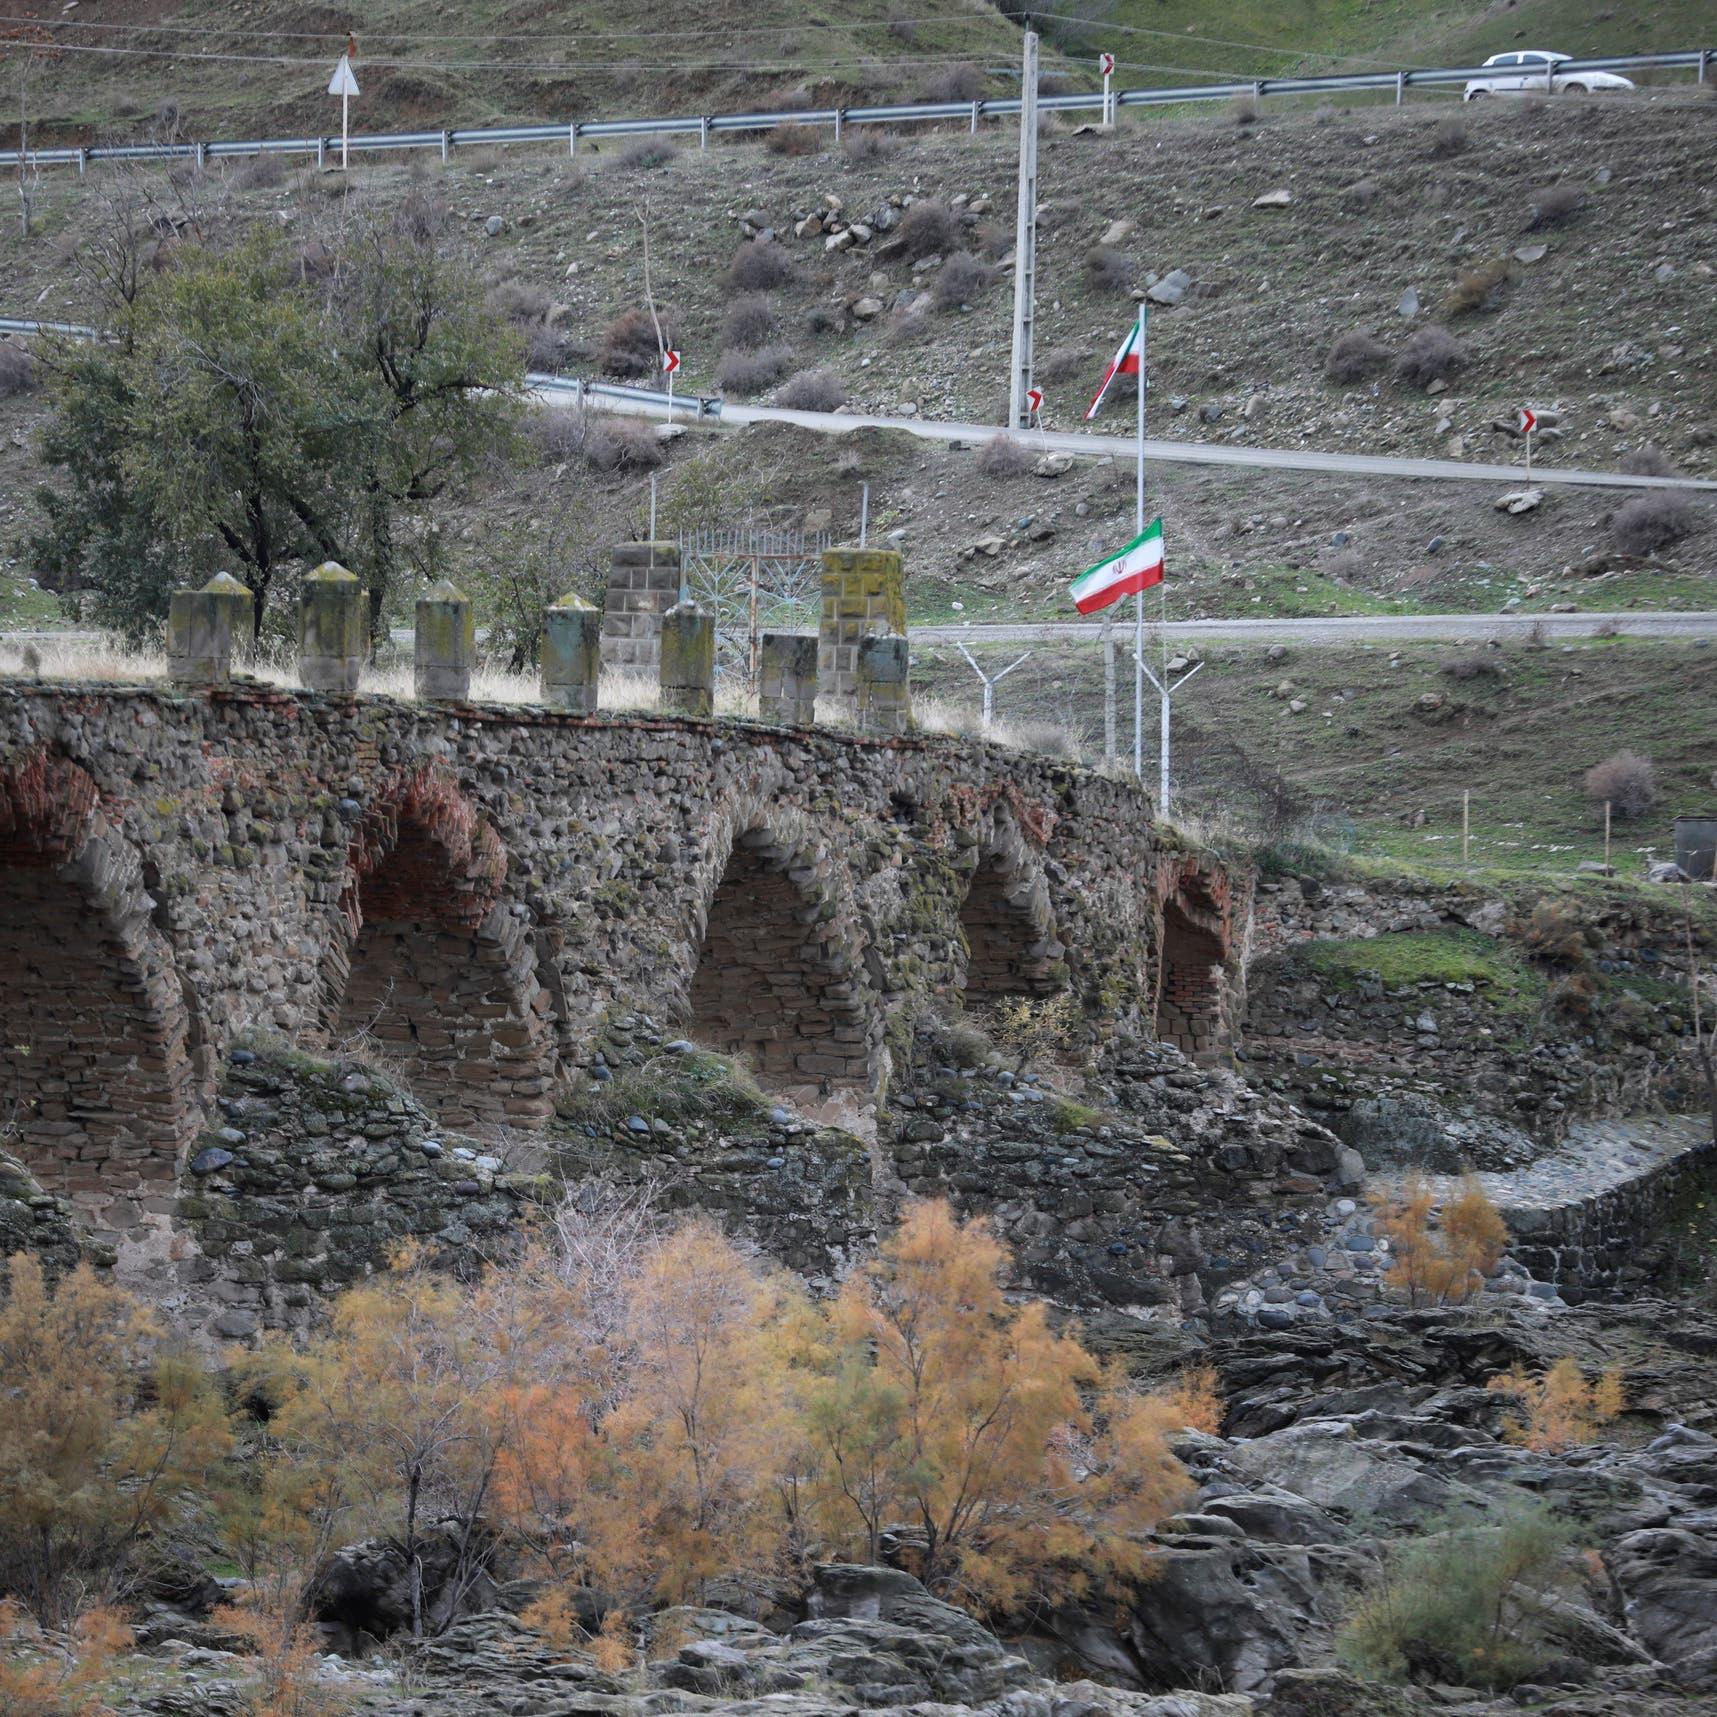 مهربو مخدرات من إيران يقتلون اثنين من حرس الحدود الأذربيجاني